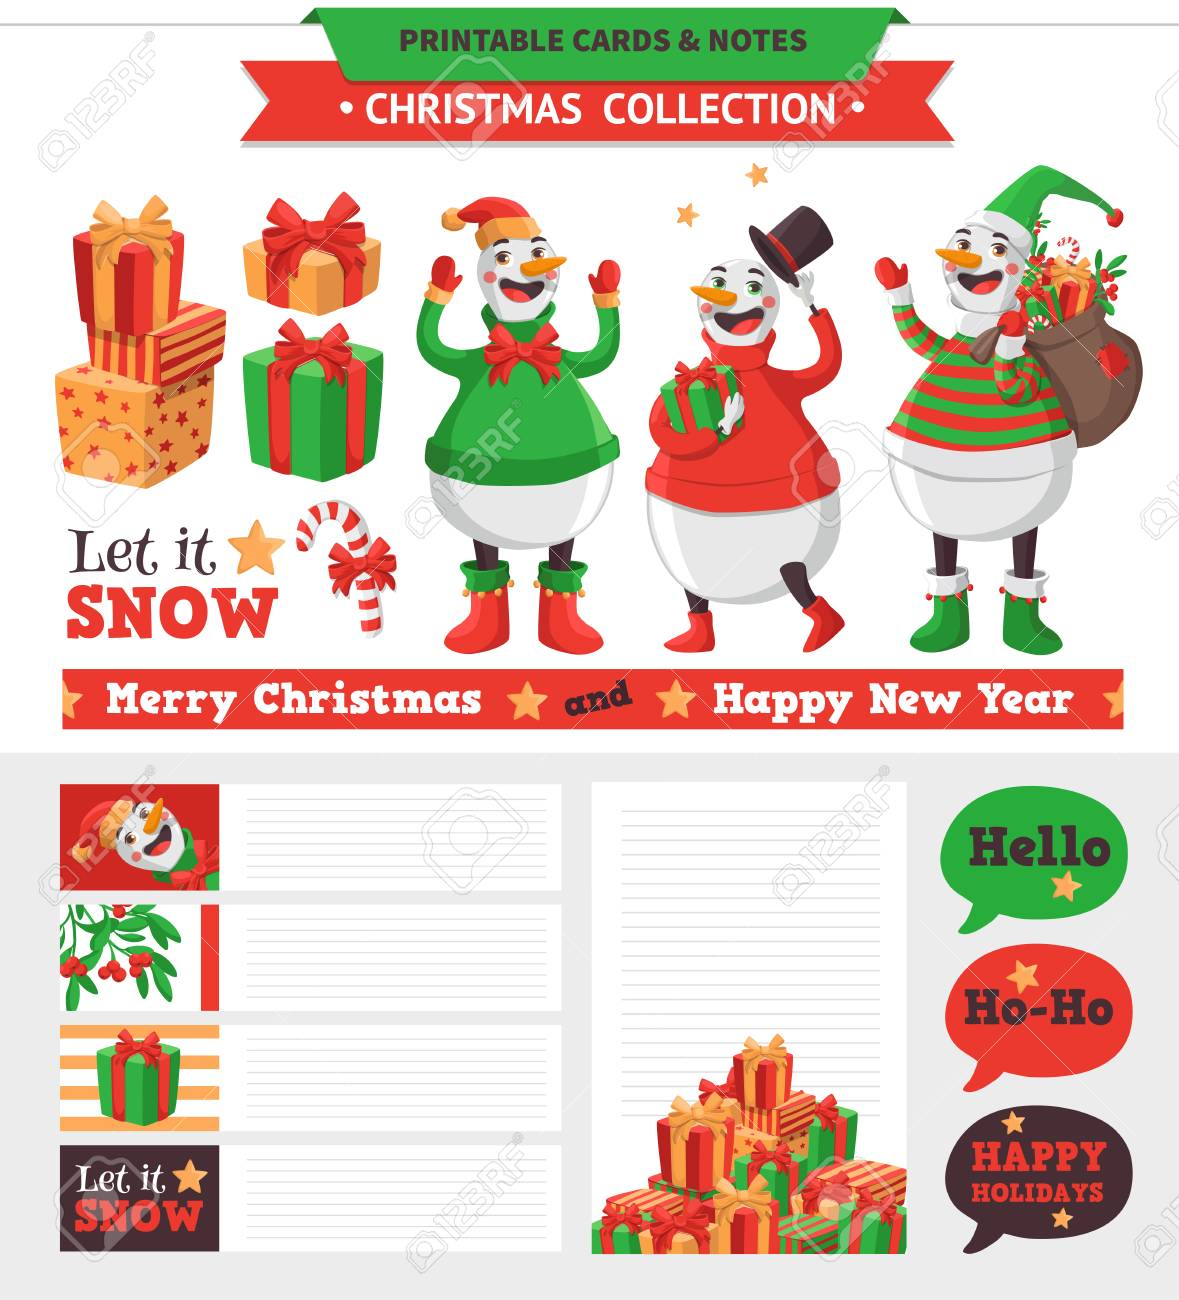 Adesivi Buon Natale.Buon Natale Illustrazione Vector Schede Stampabili Note E Adesivi Con Pupazzo Di Neve Regali E Cosi Via